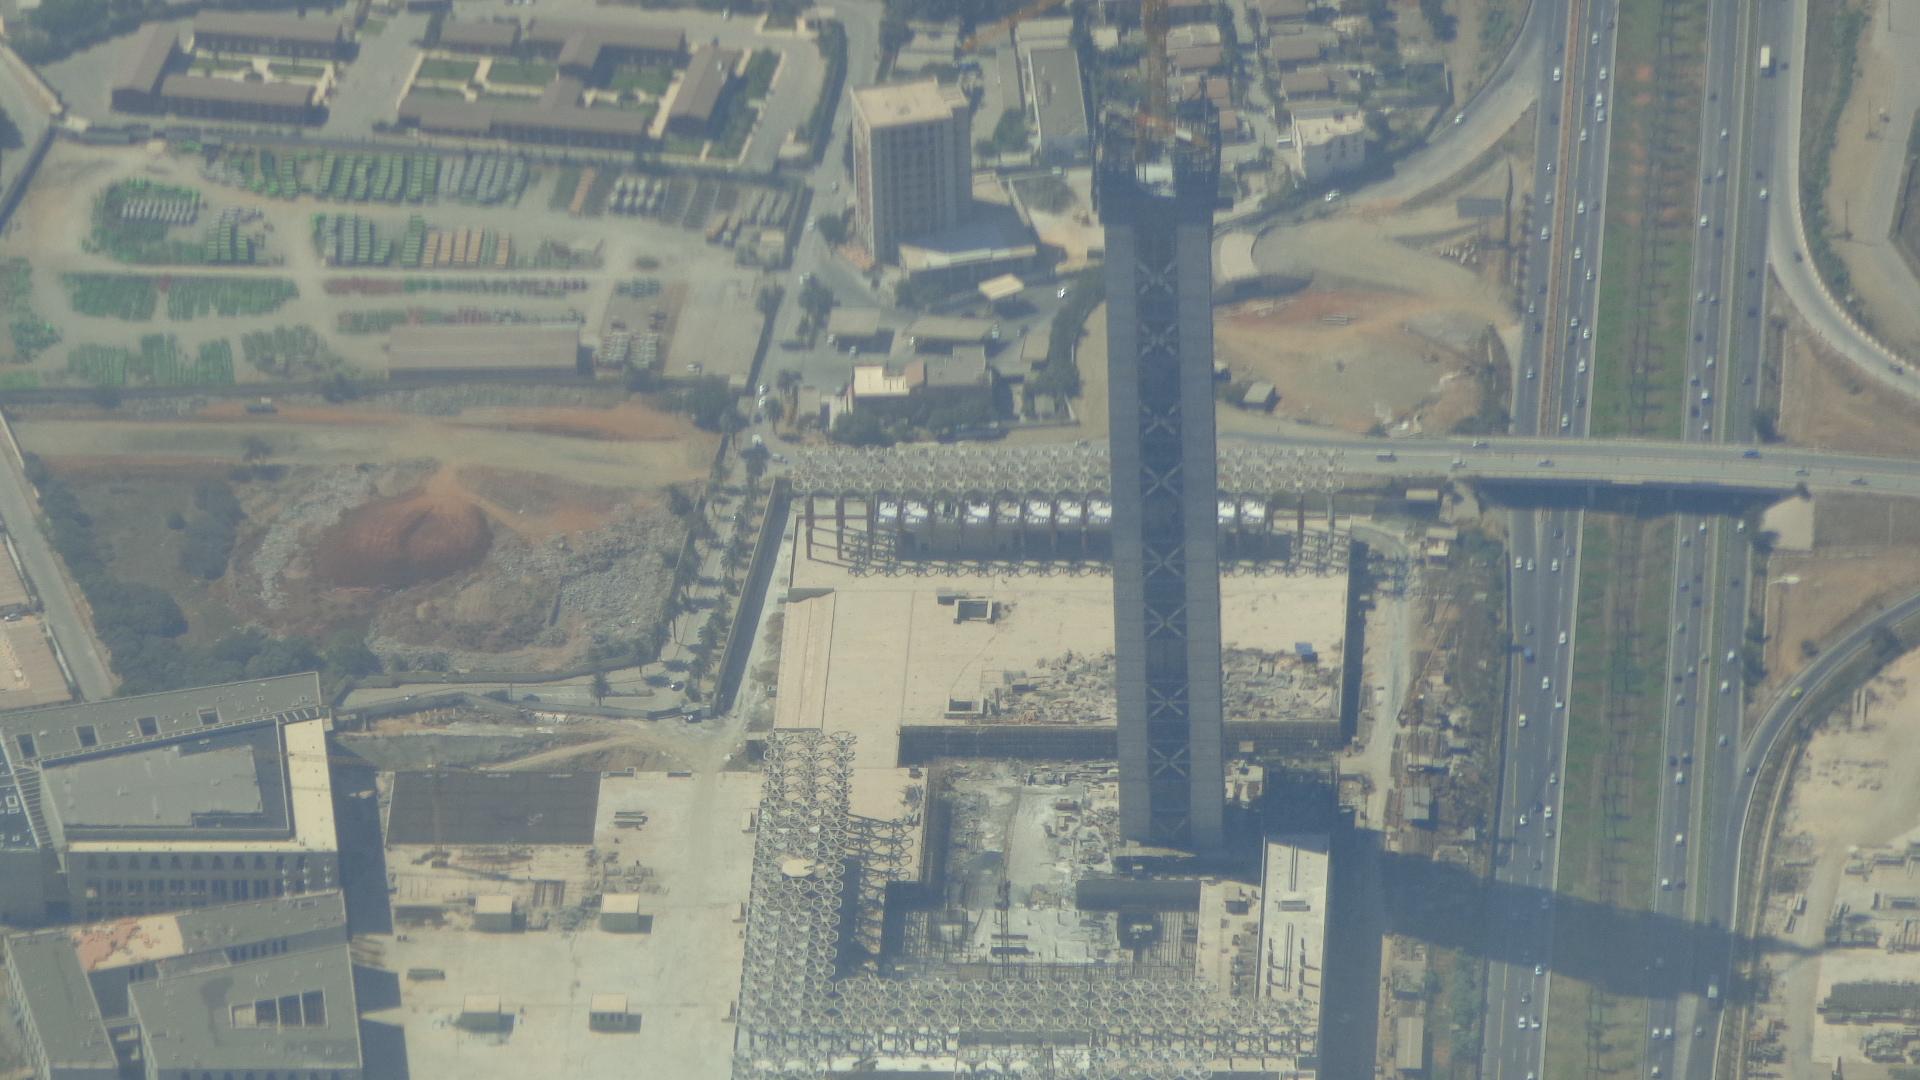 مشروع جامع الجزائر الأعظم: إعطاء إشارة إنطلاق أشغال الإنجاز - صفحة 16 160903094750675618